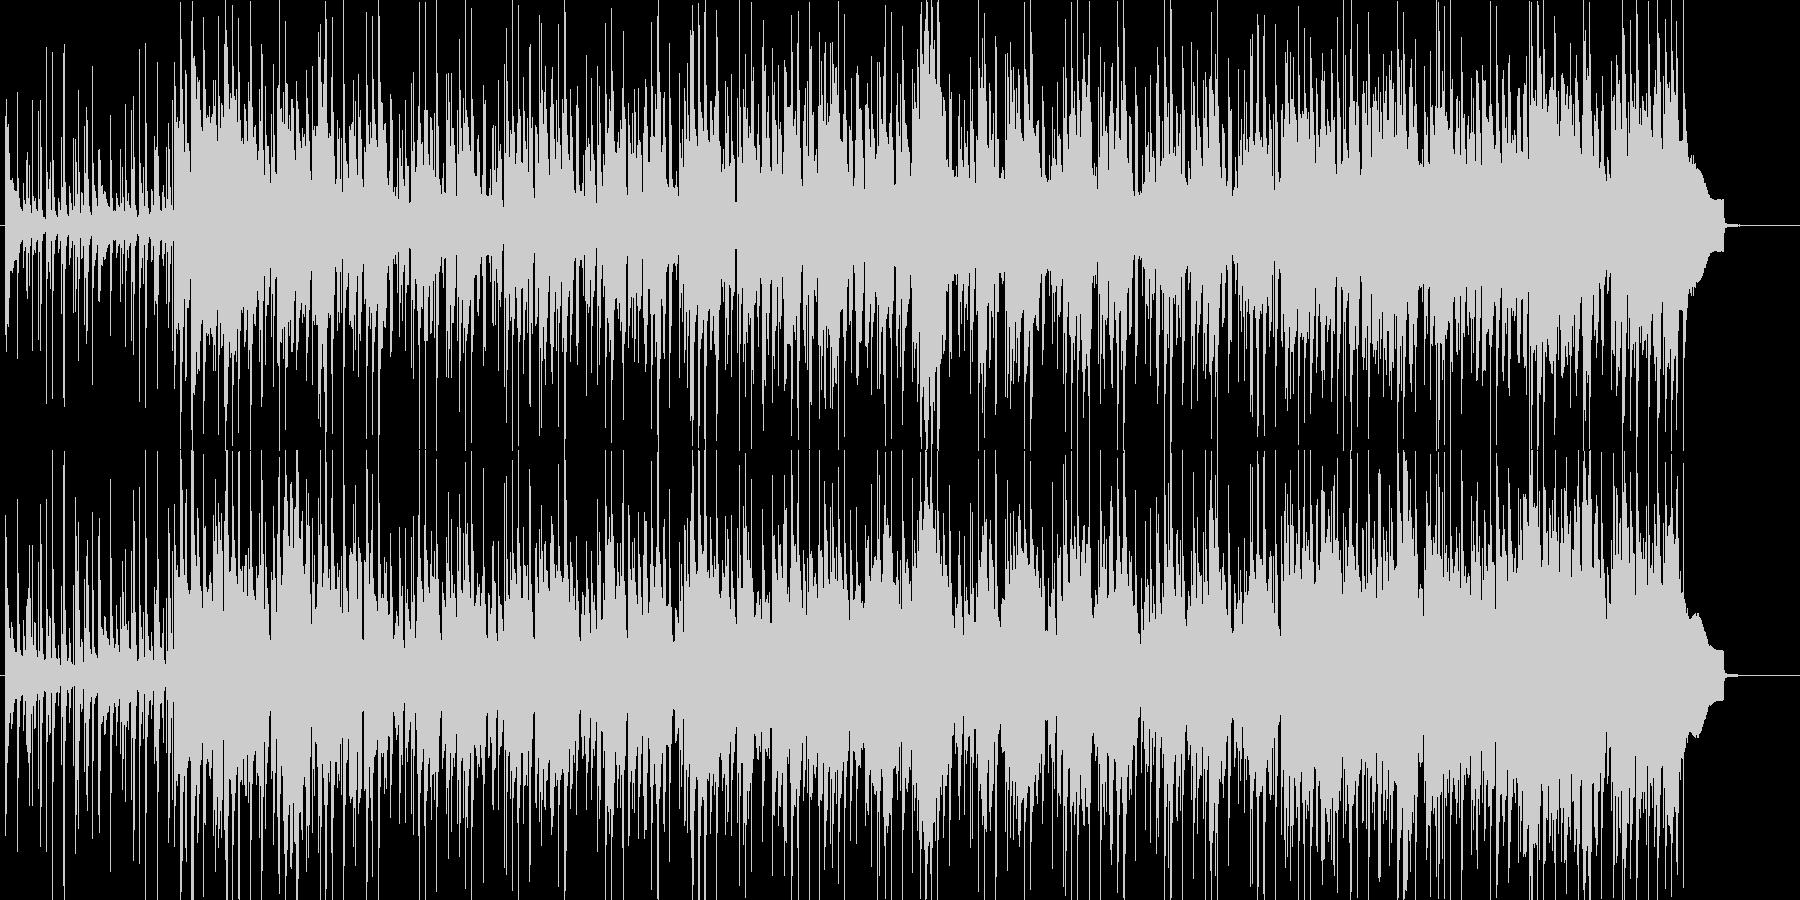 ゆったりしたテンポの明るい楽曲の未再生の波形